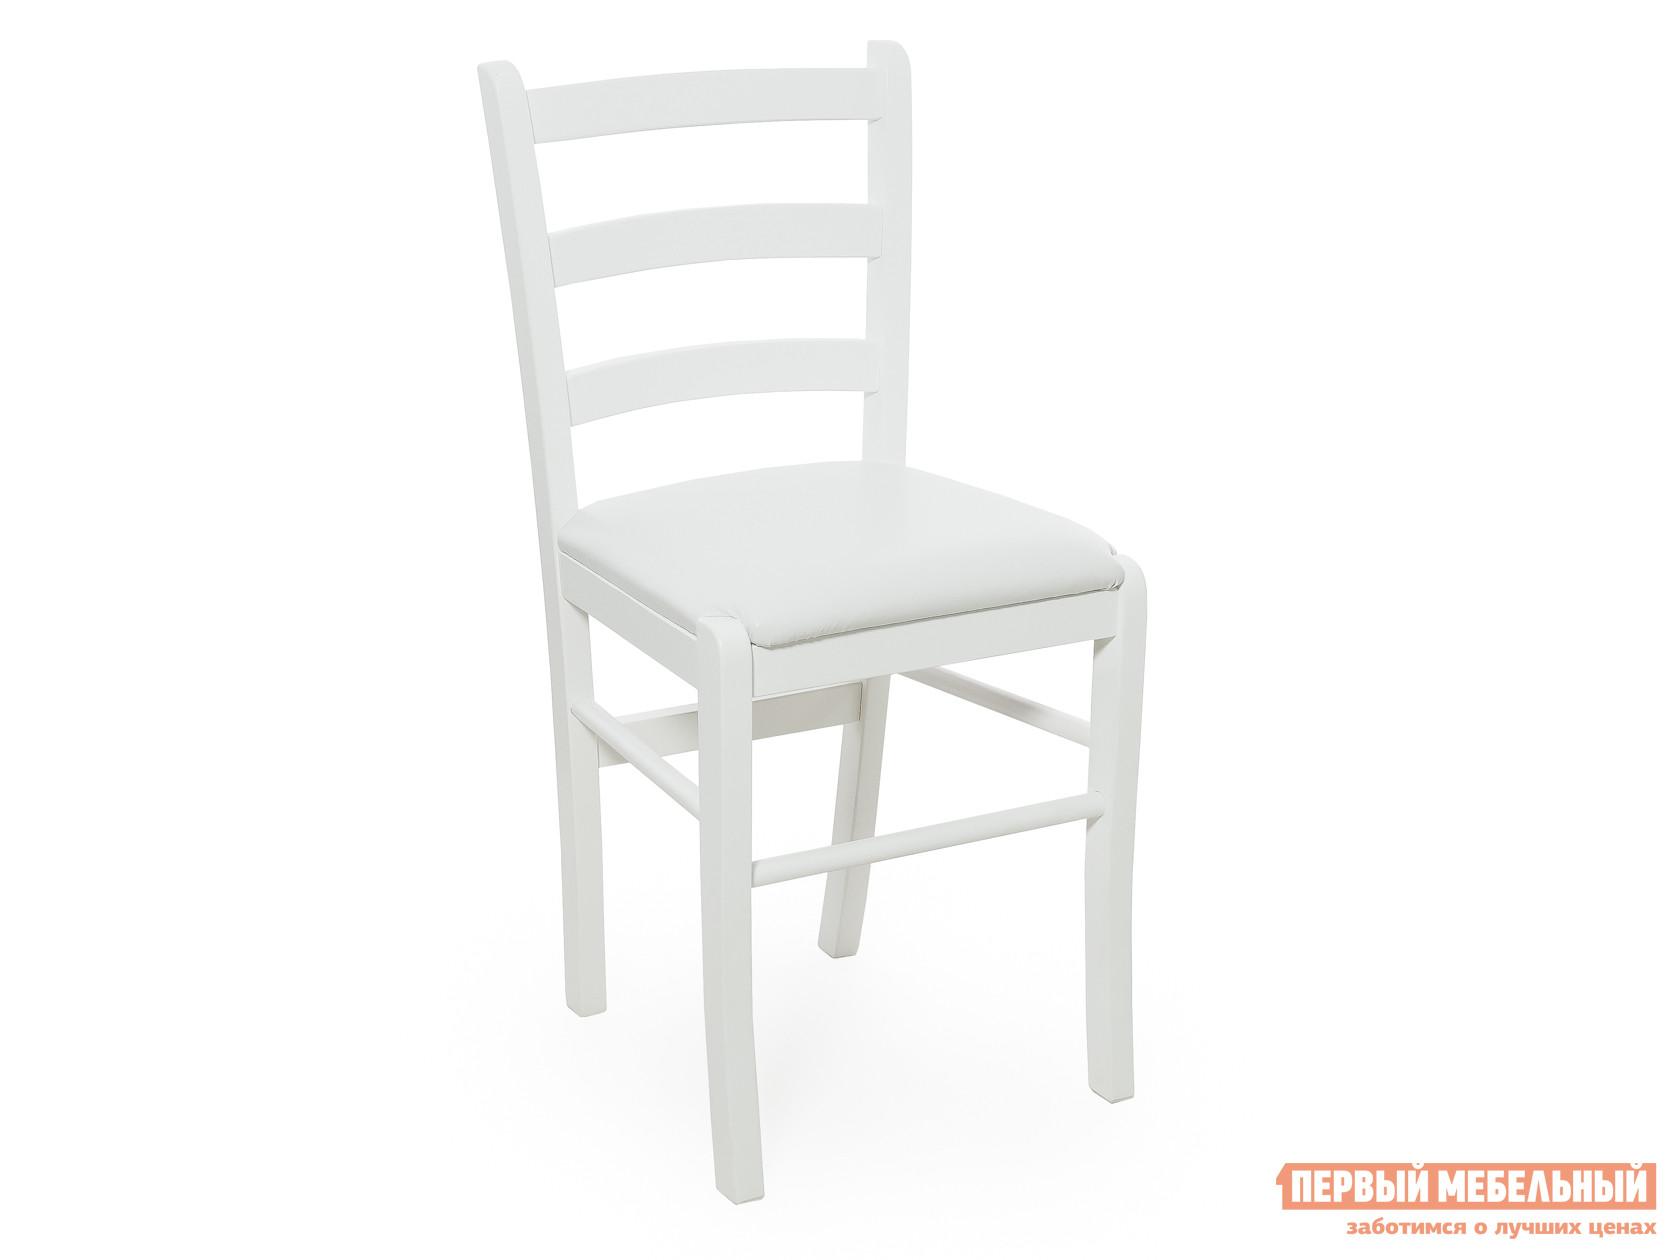 Кухонный стул ДИК PAVLA Белый / Белая иск.кожа от Купистол